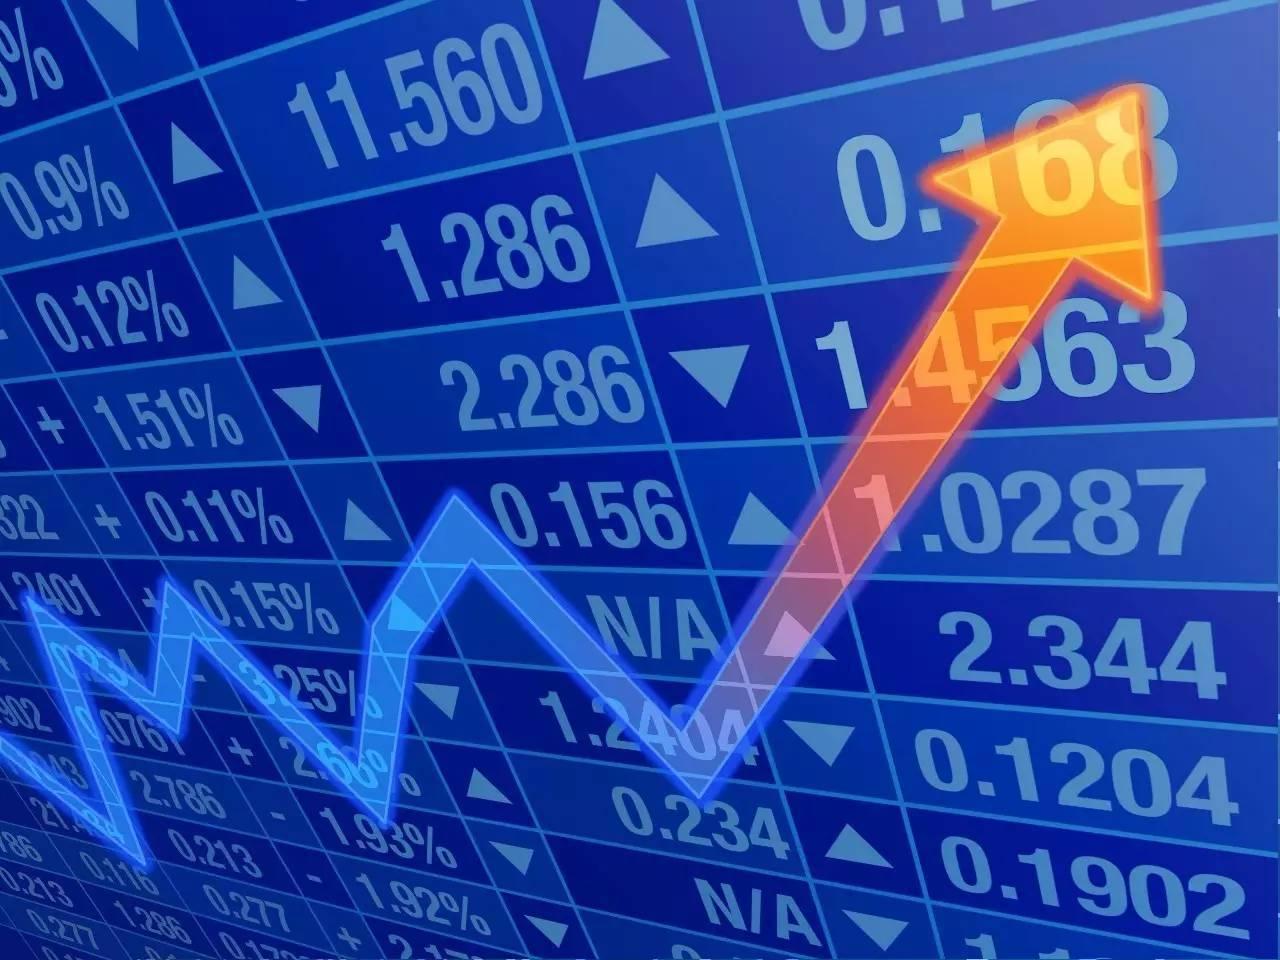 想在股市高峰期投资?这七个理财策略或许能帮到你 |专栏